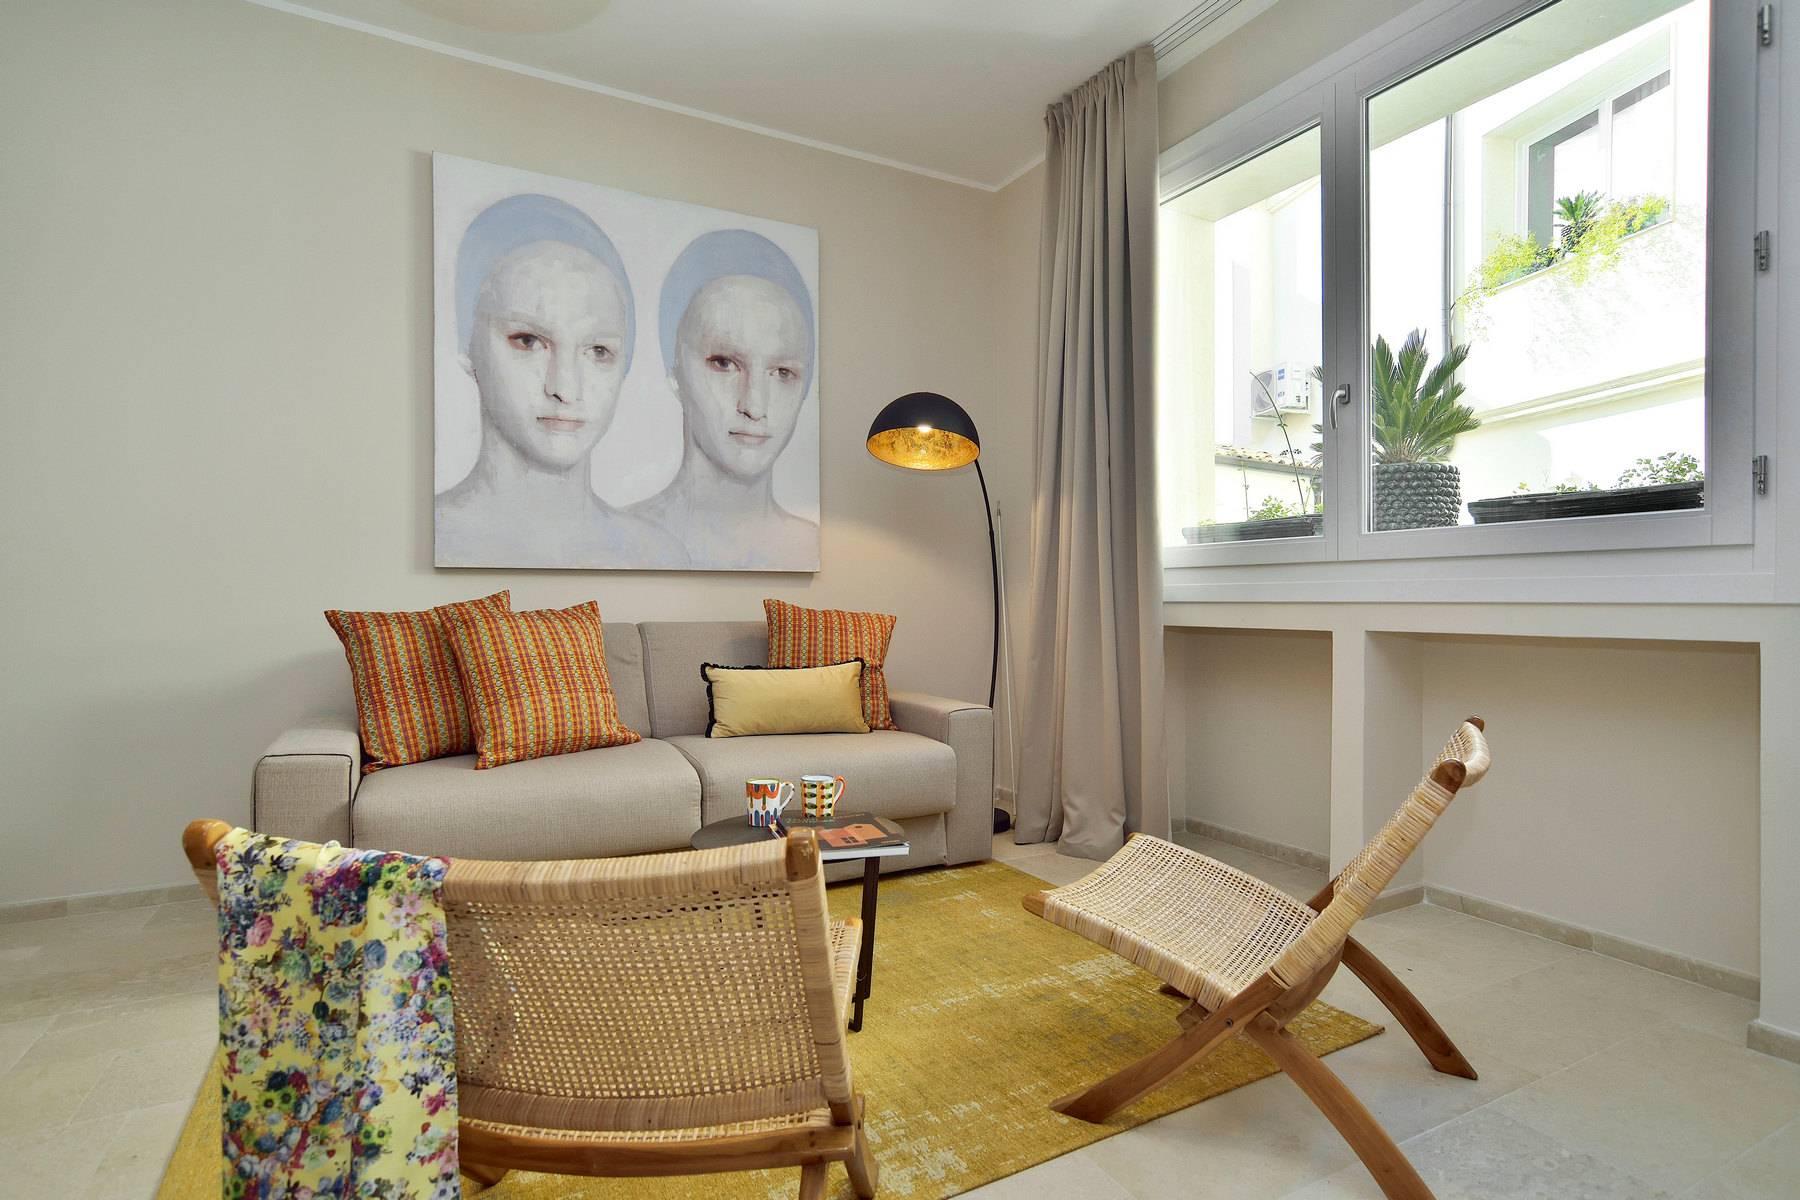 Appartamento in Vendita a Noto: 3 locali, 73 mq - Foto 8